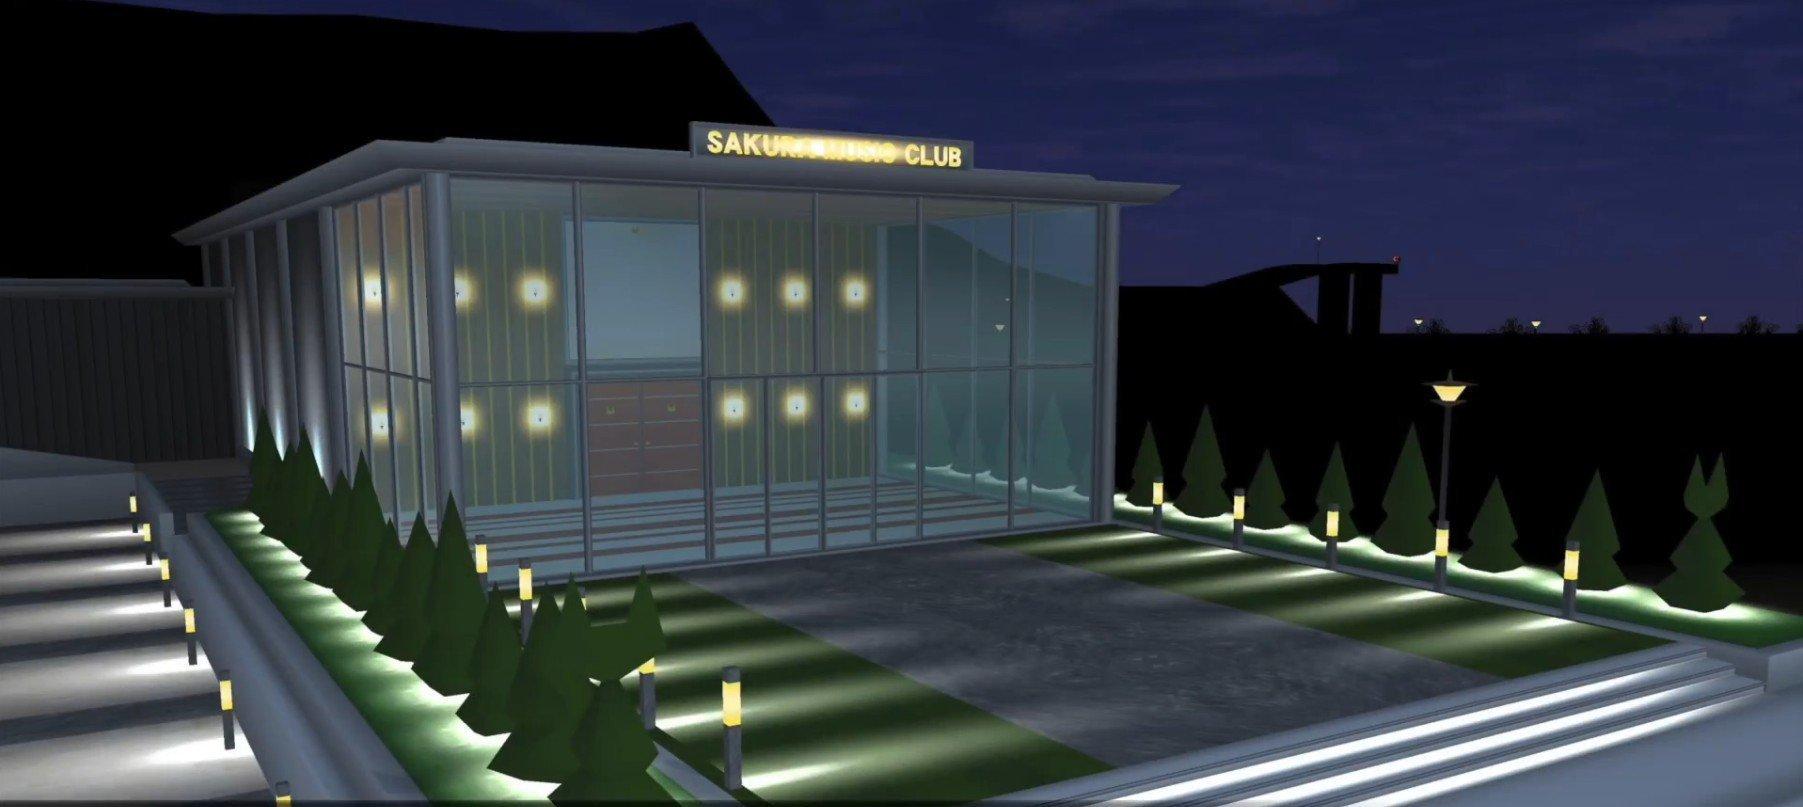 樱花校园模拟器(4月23日更新)图1